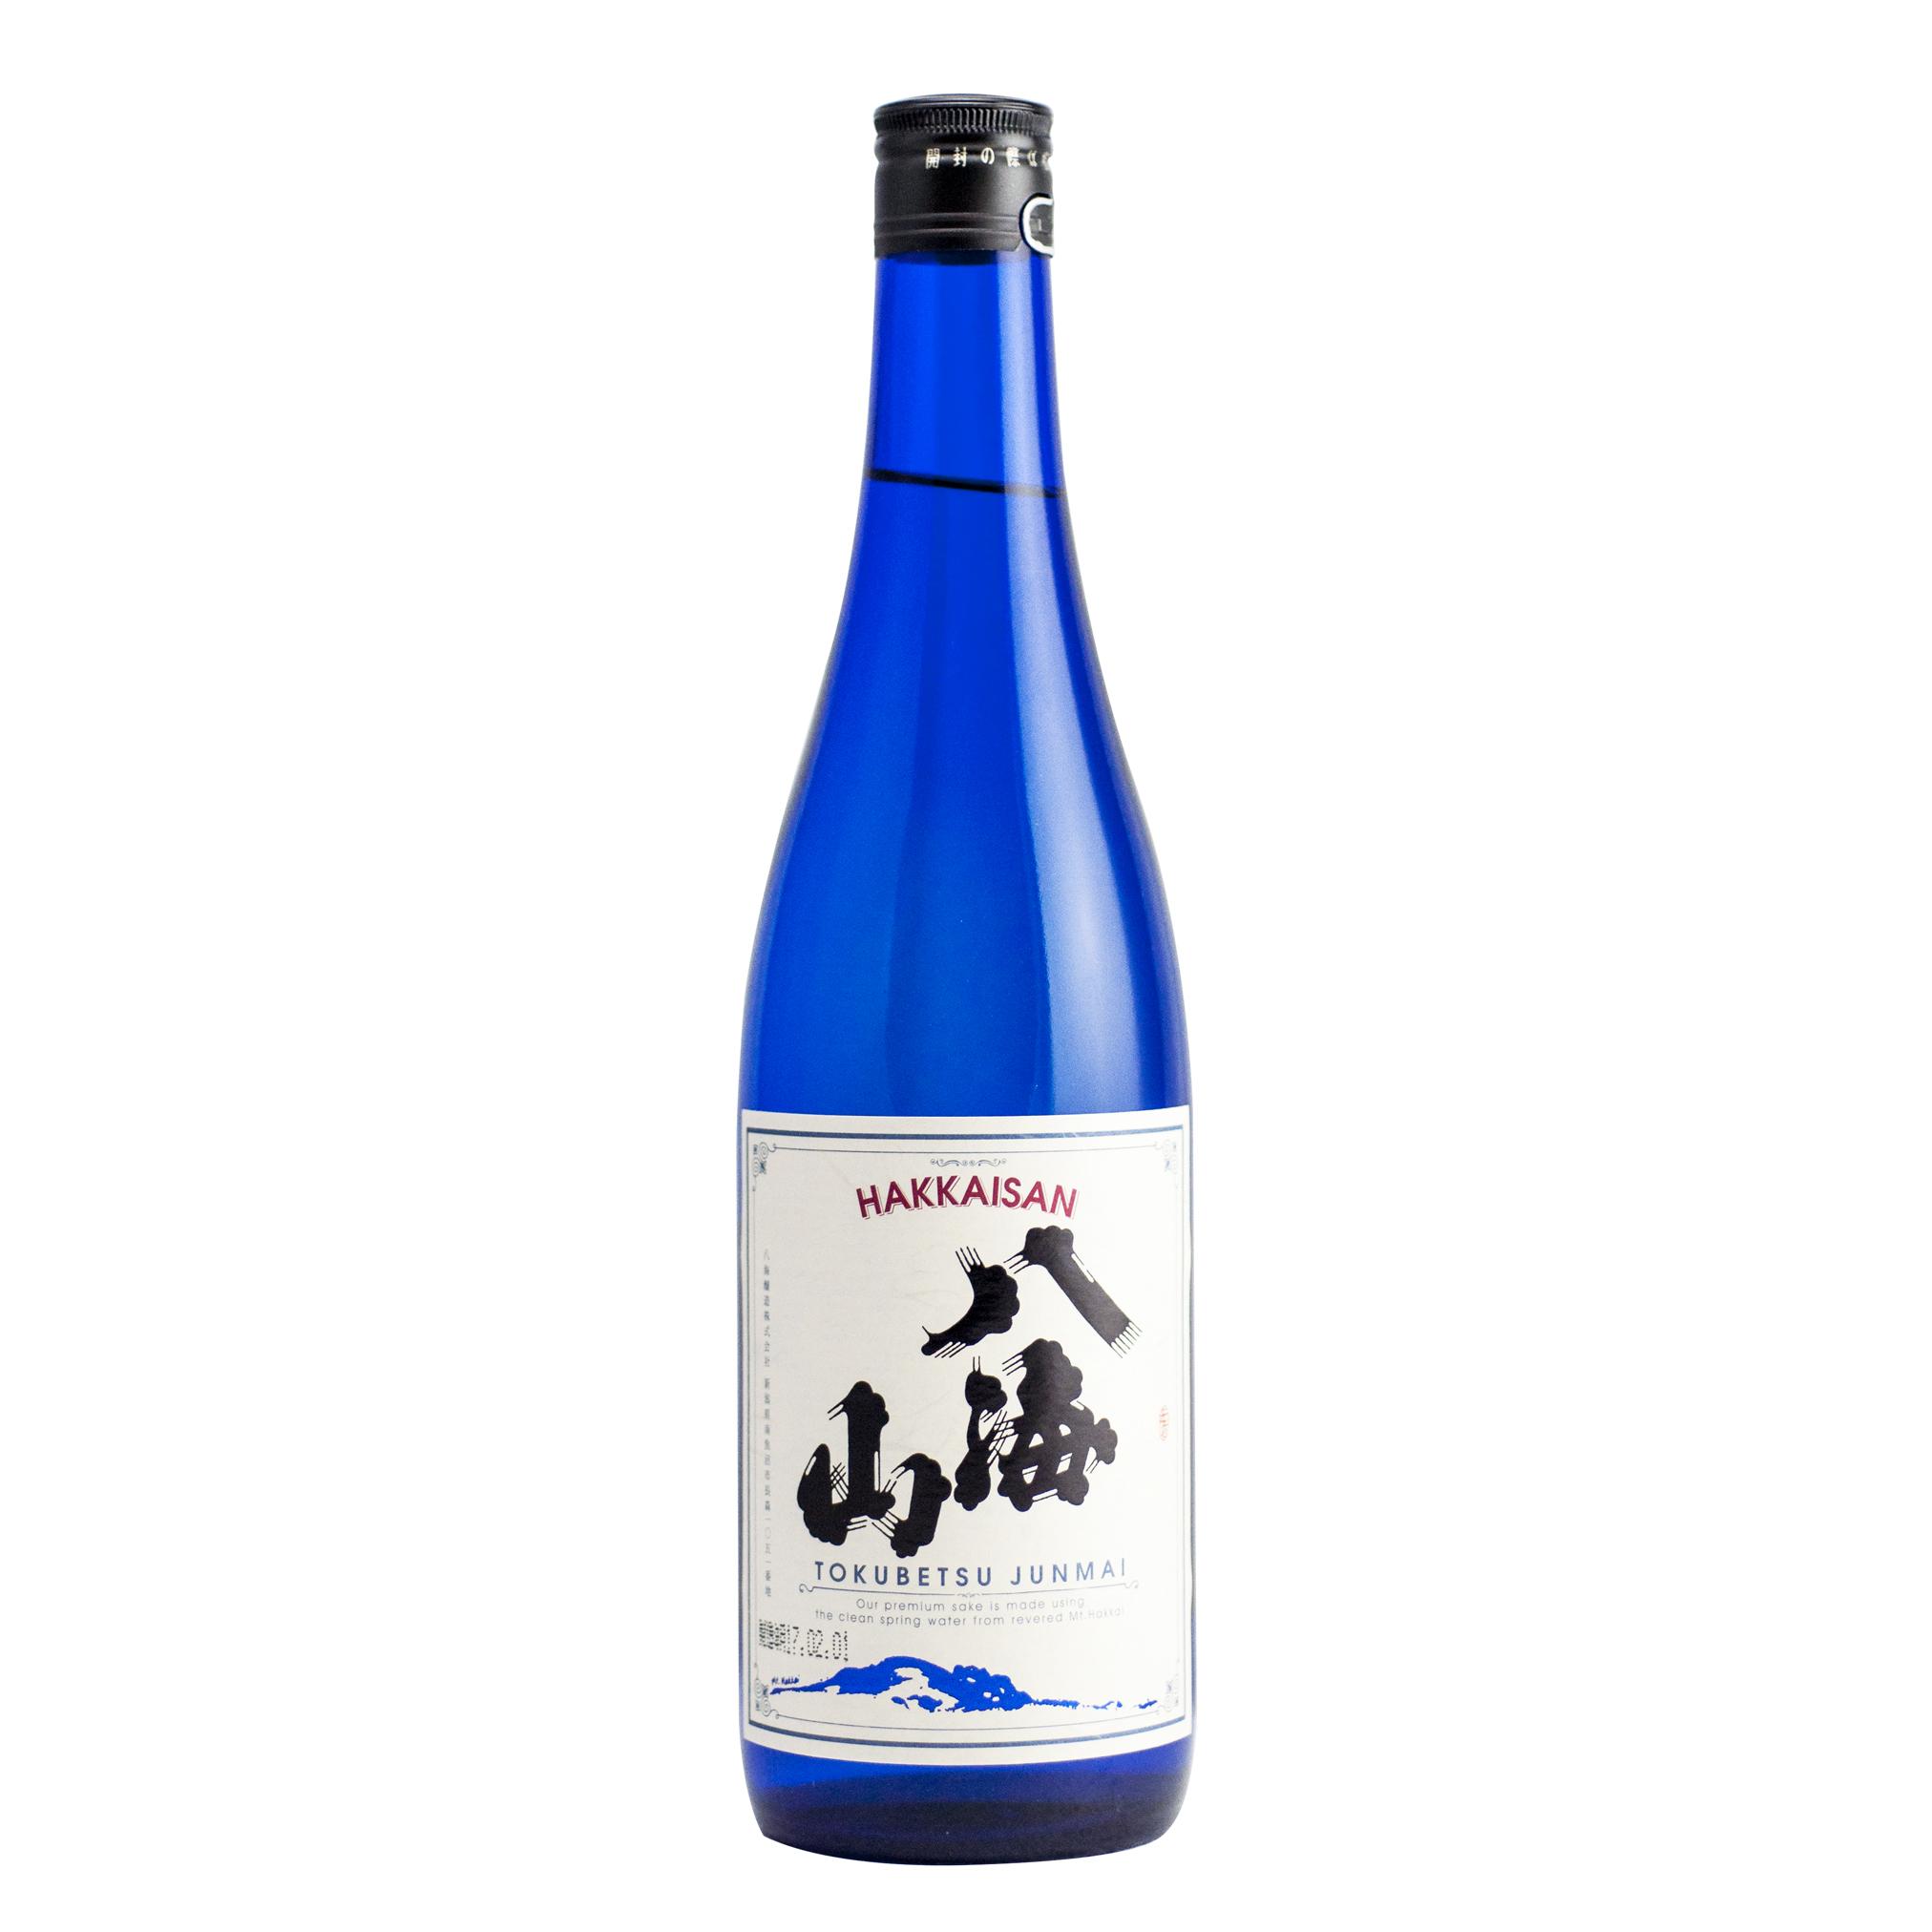 Hakkaisan Tokubetsu Junmai 15.5% 720ml